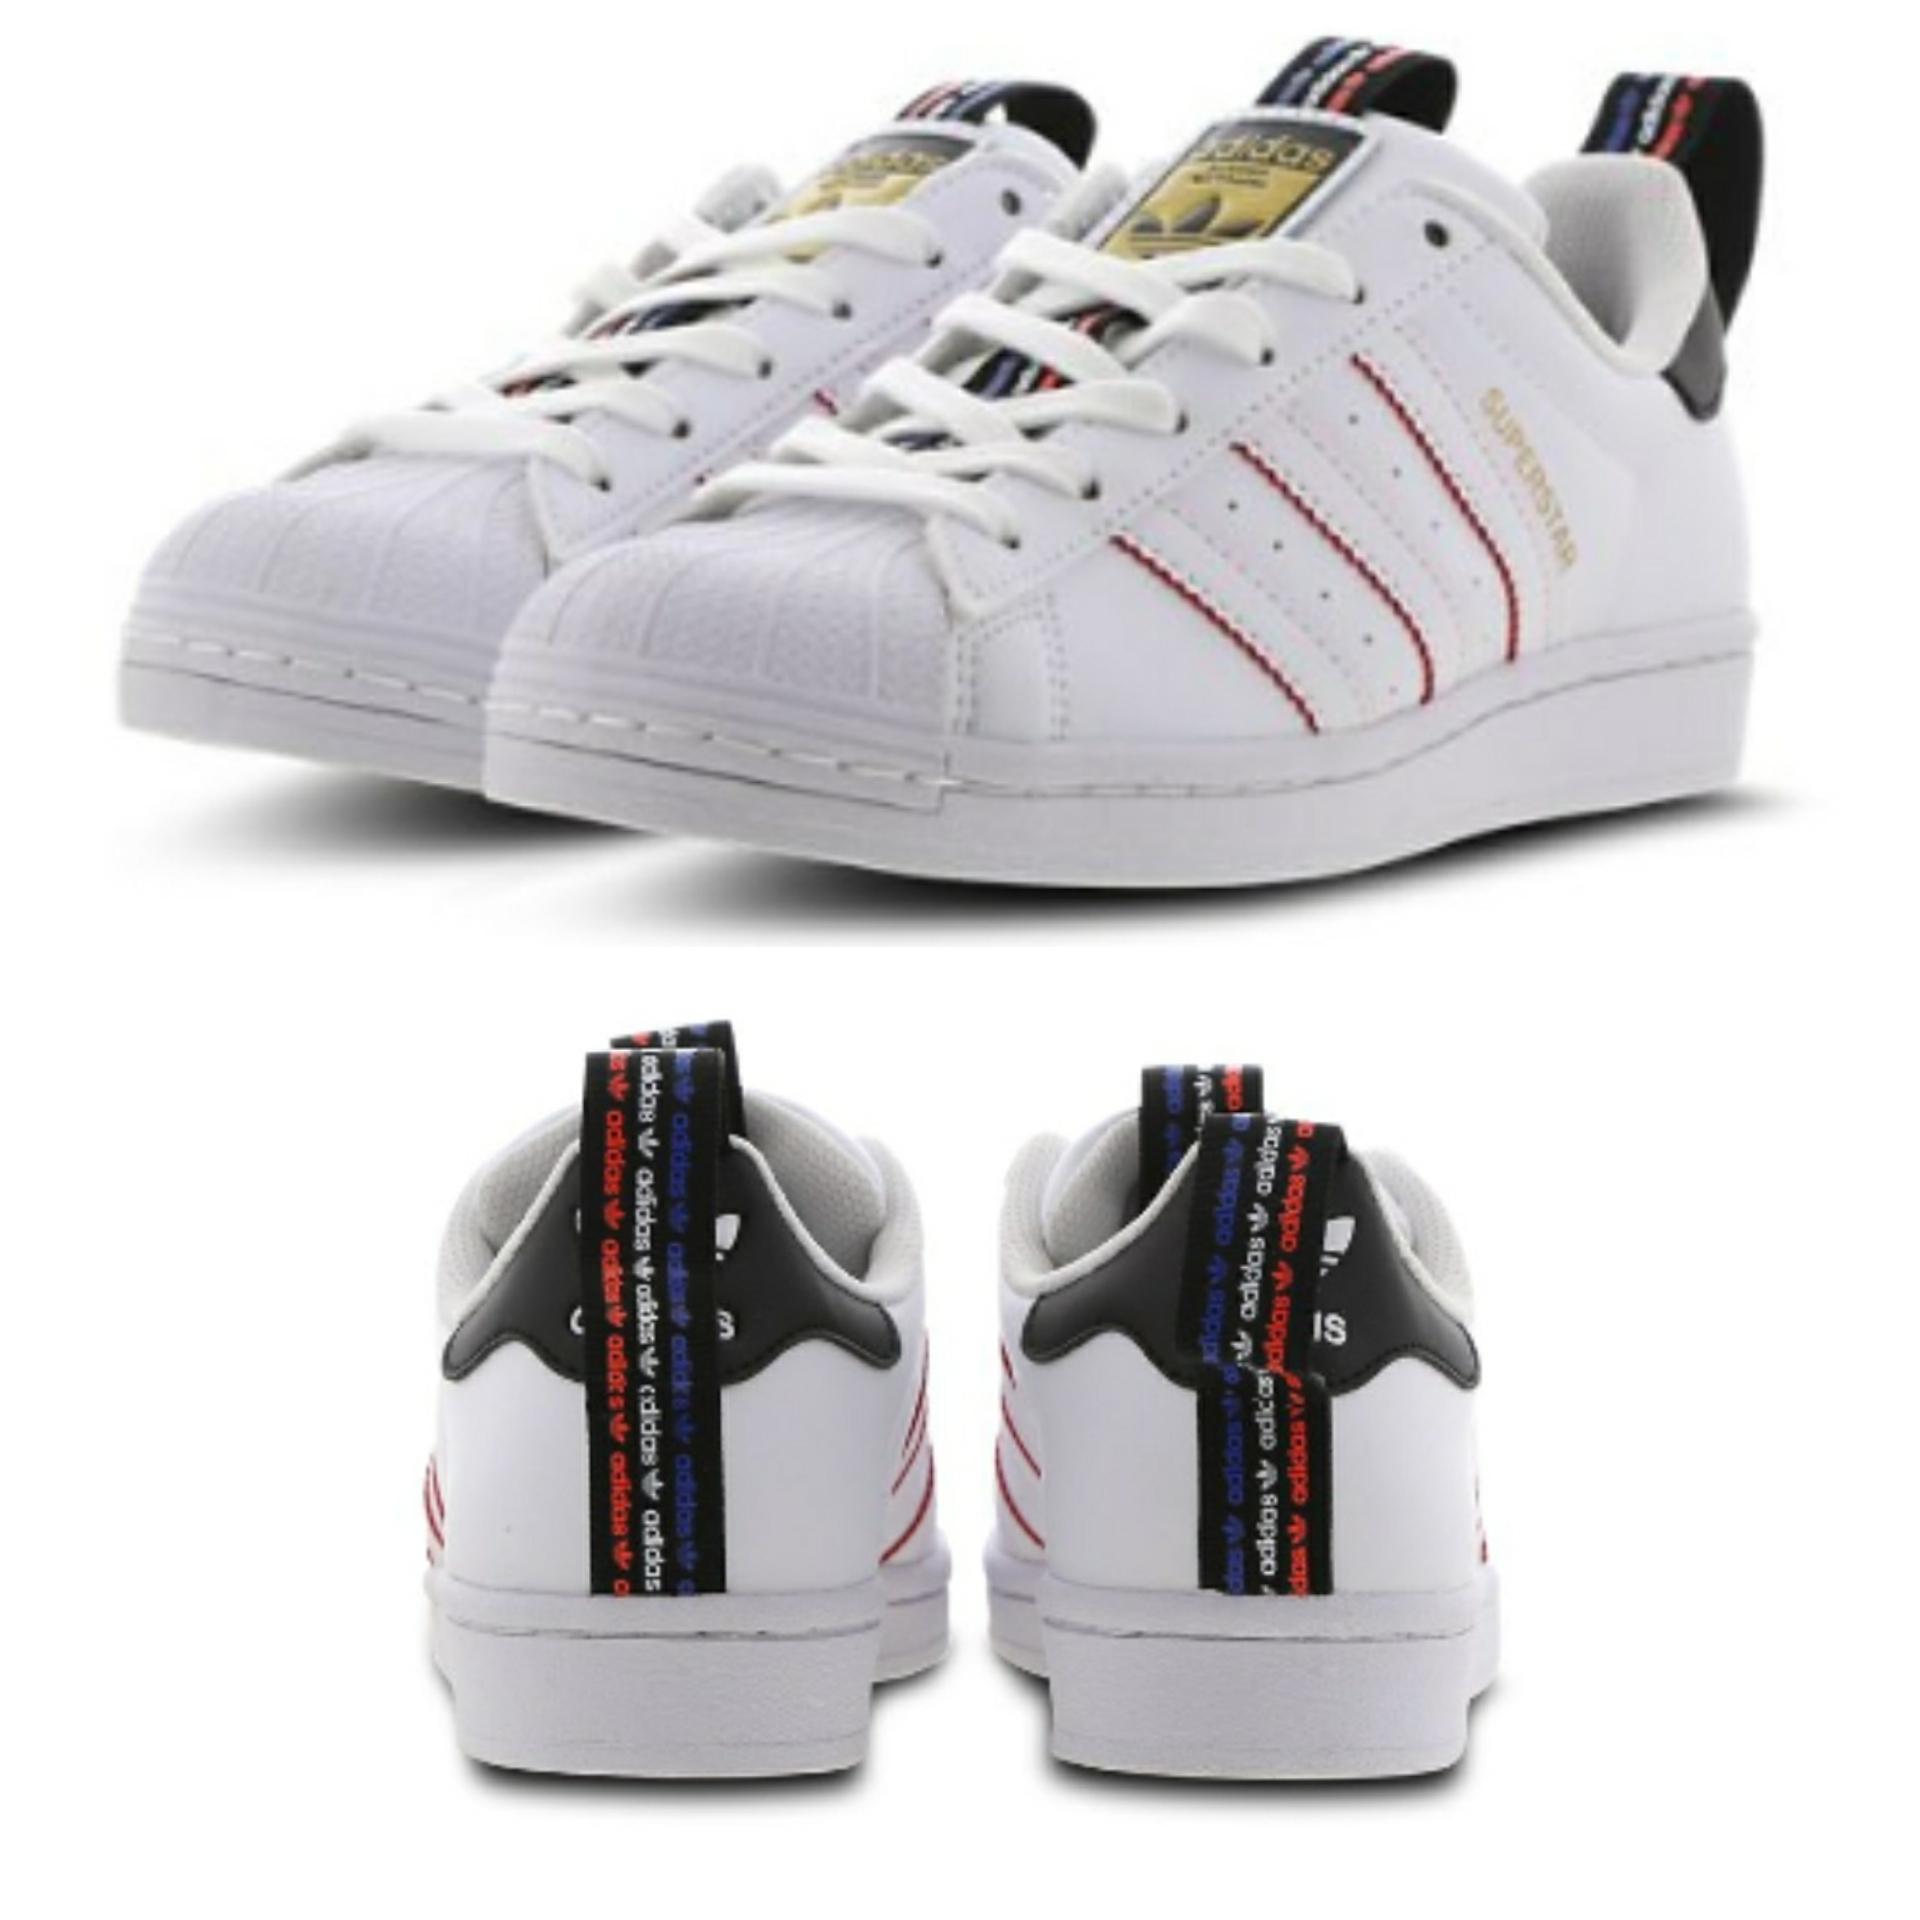 Adidas Superstar Ragazzi (dal 36 al 40)